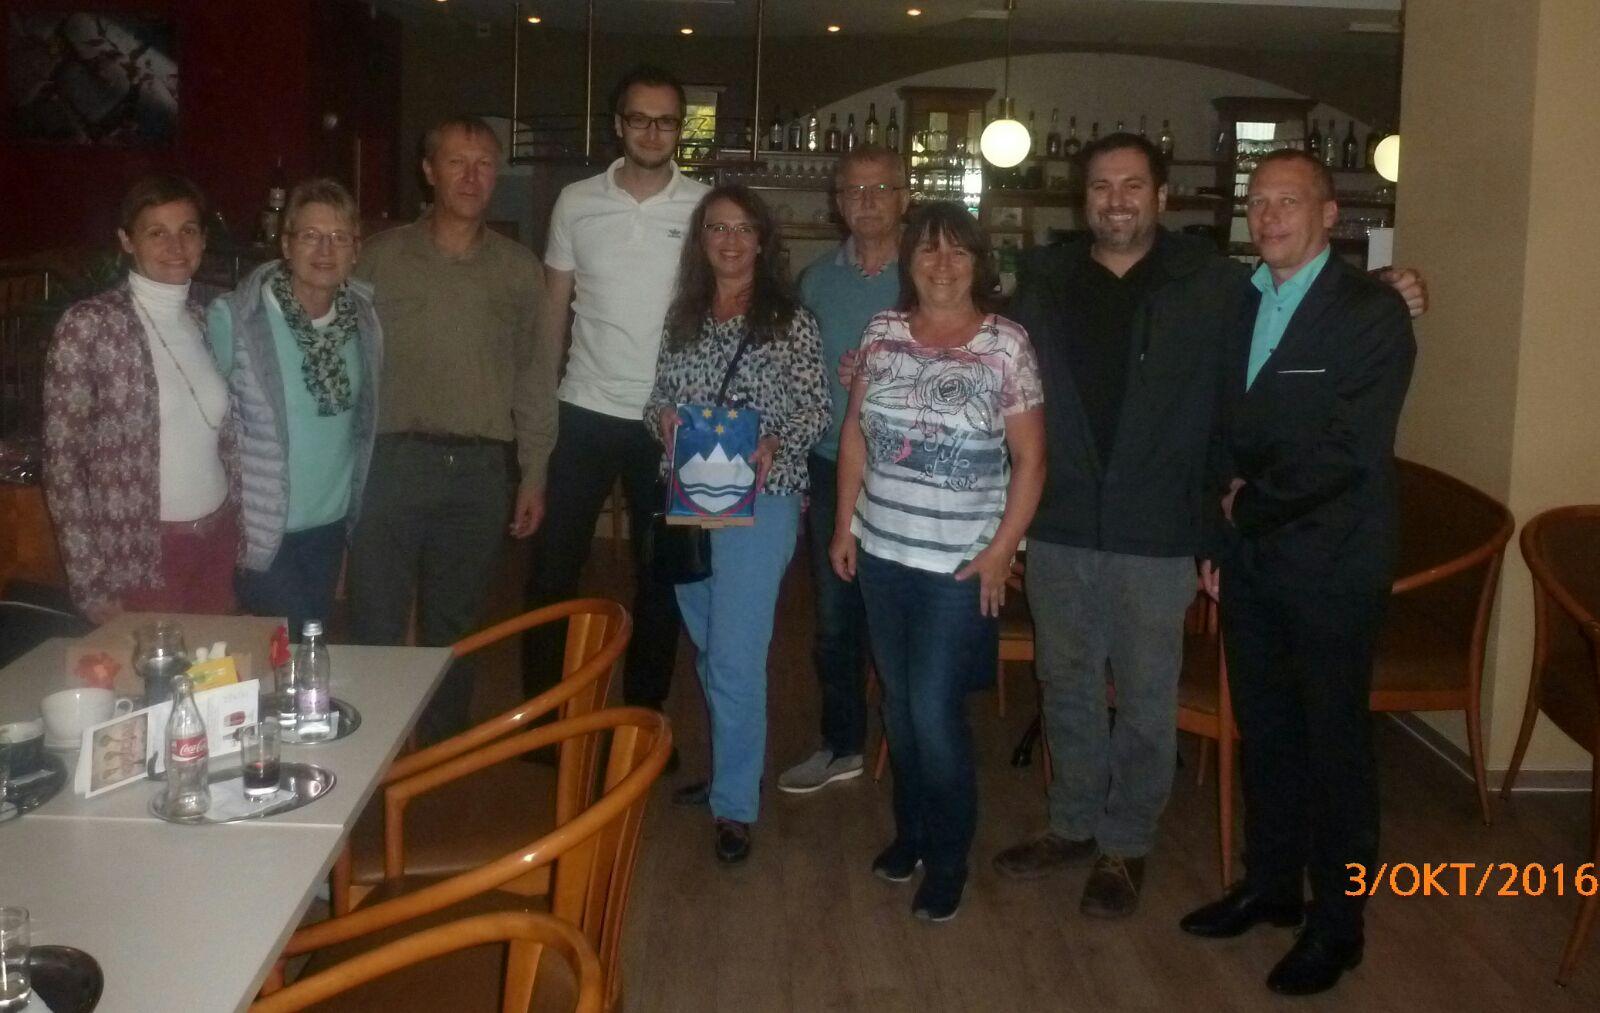 Abschiedsbild mit unseren slowenischen Freunden